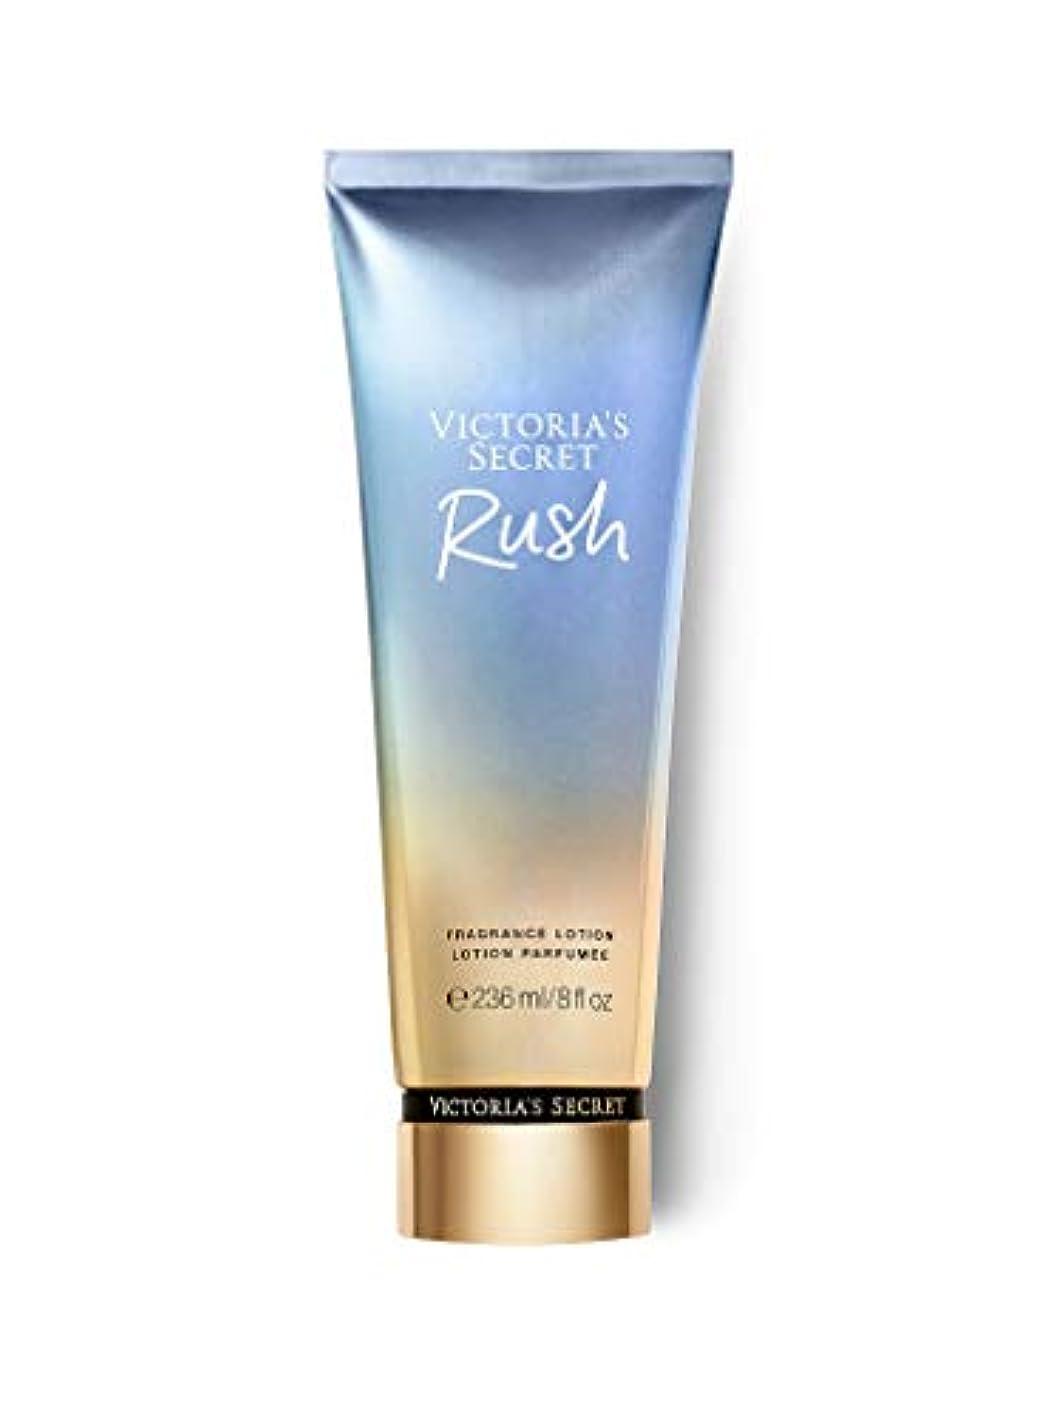 パイル盗難銀河VICTORIA'S SECRET ヴィクトリアシークレット/ビクトリアシークレット ラッシュ フレグランスローション ( VTS-Rush ) Rush Fragrance Lotion